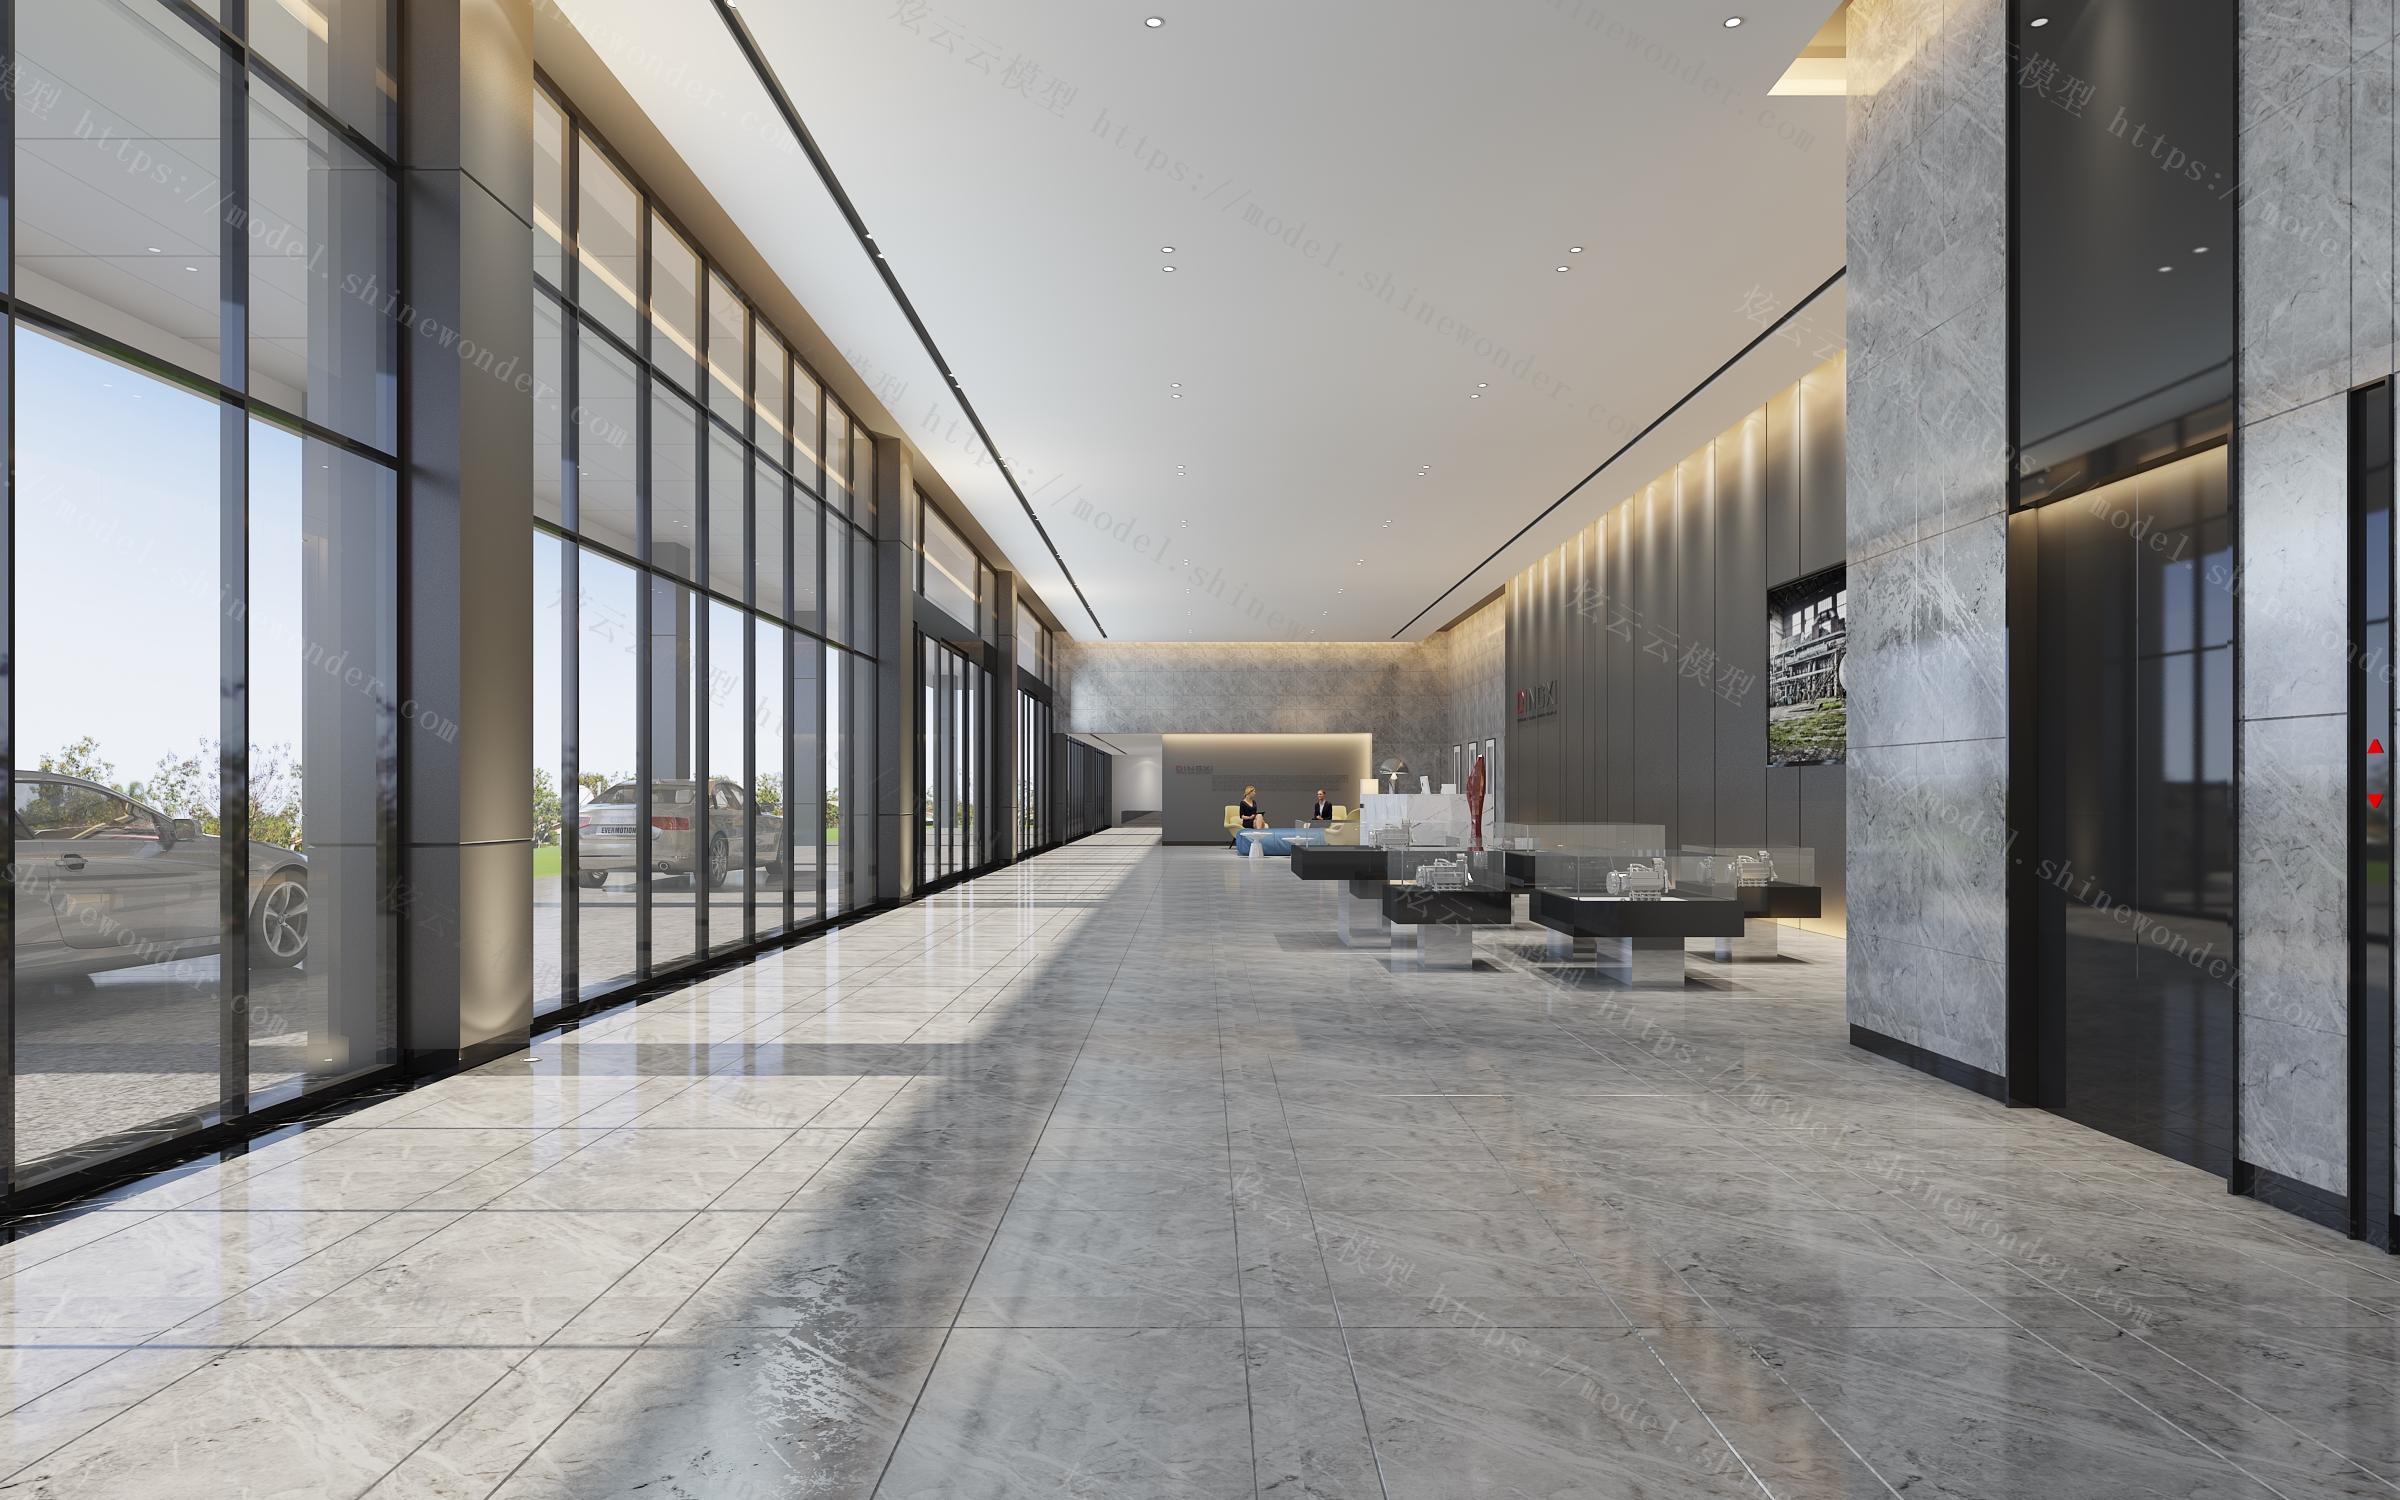 现代售楼处大厅模型